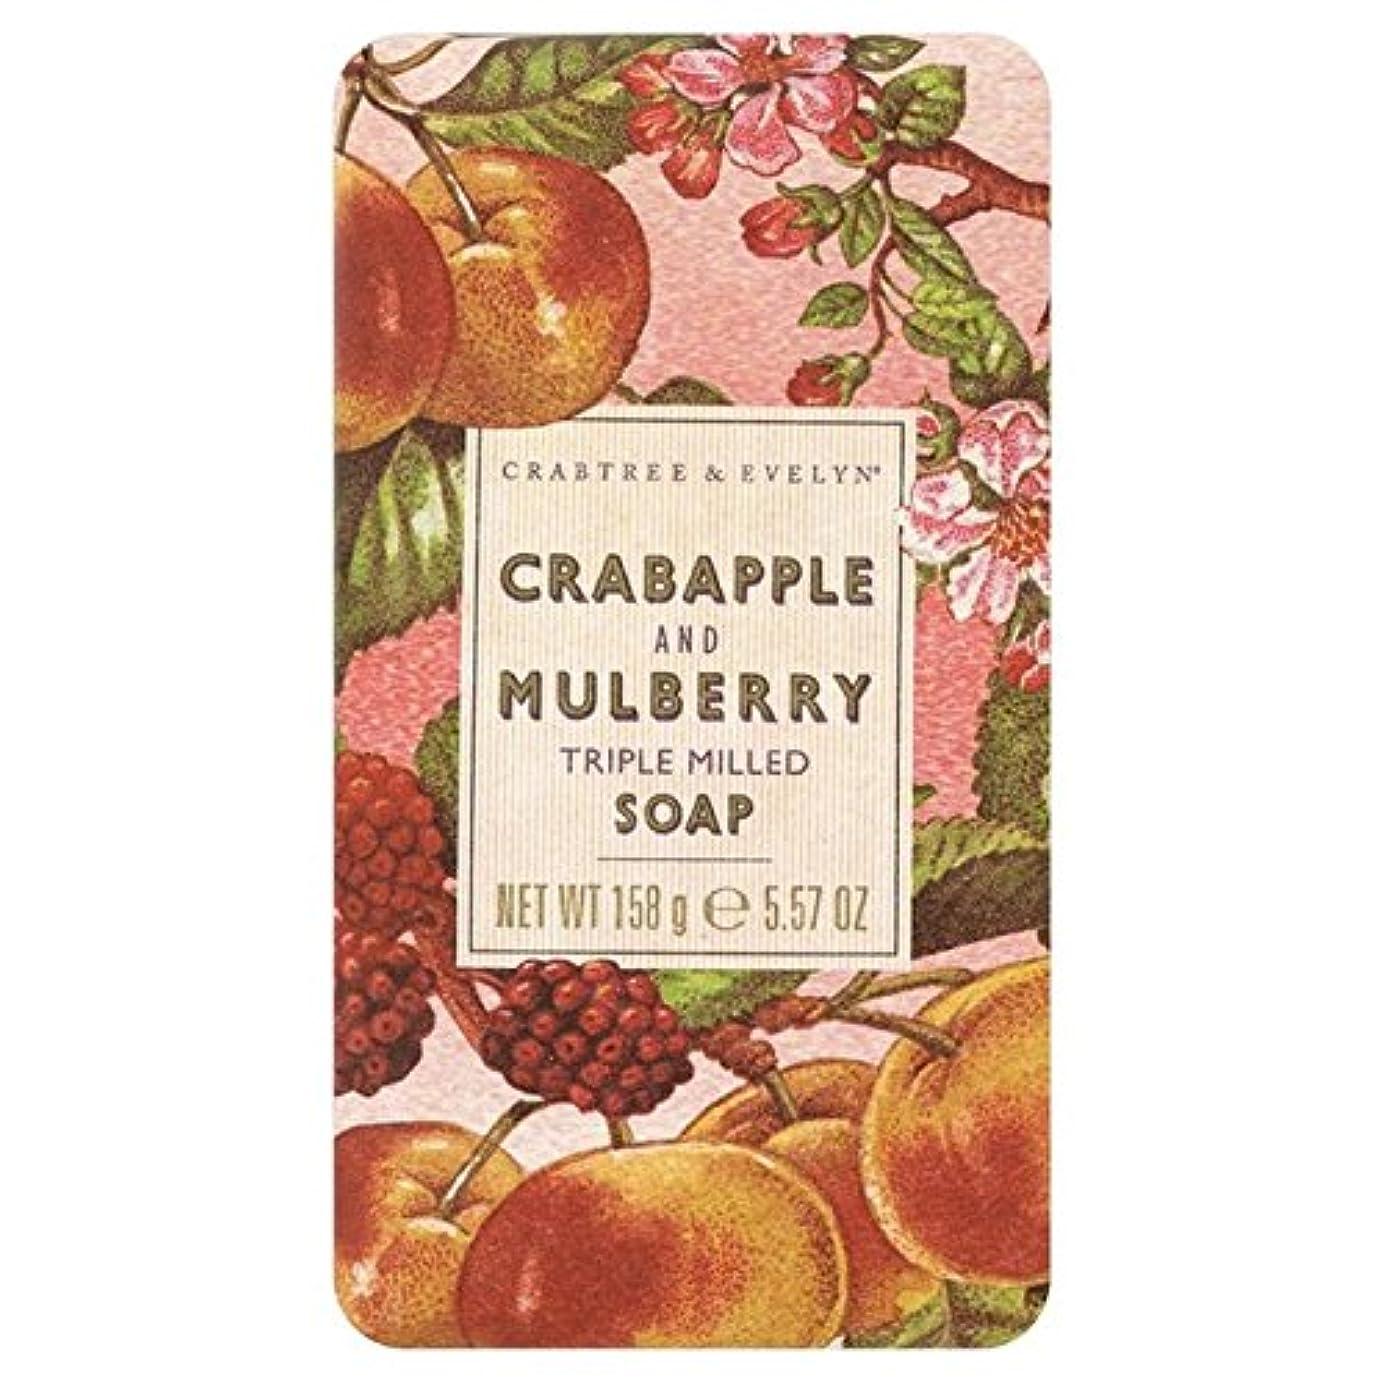 コックソブリケット山クラブツリー&イヴリンと桑遺産石鹸150グラム x4 - Crabtree & Evelyn Crabapple and Mulberry Heritage Soap 150g (Pack of 4) [並行輸入品]